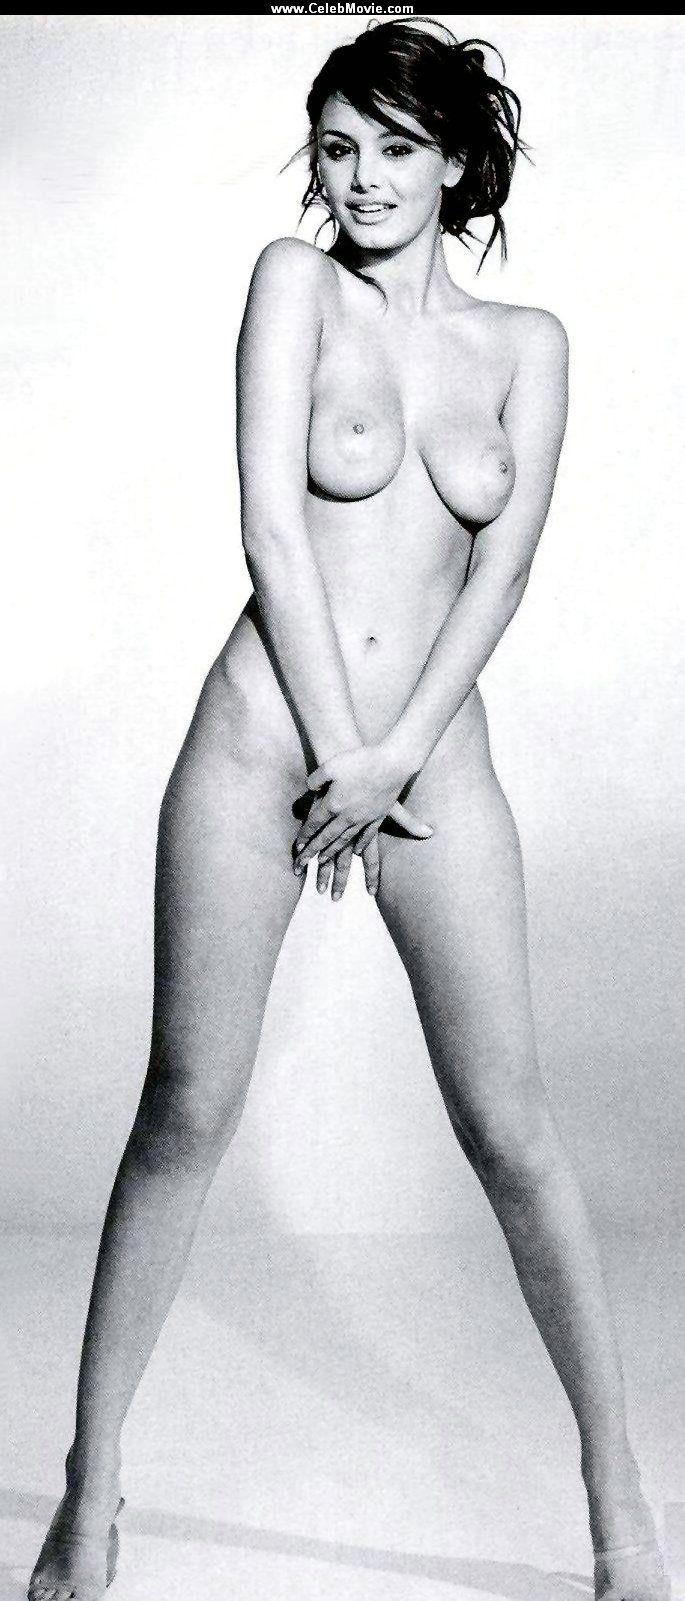 porno booty hd